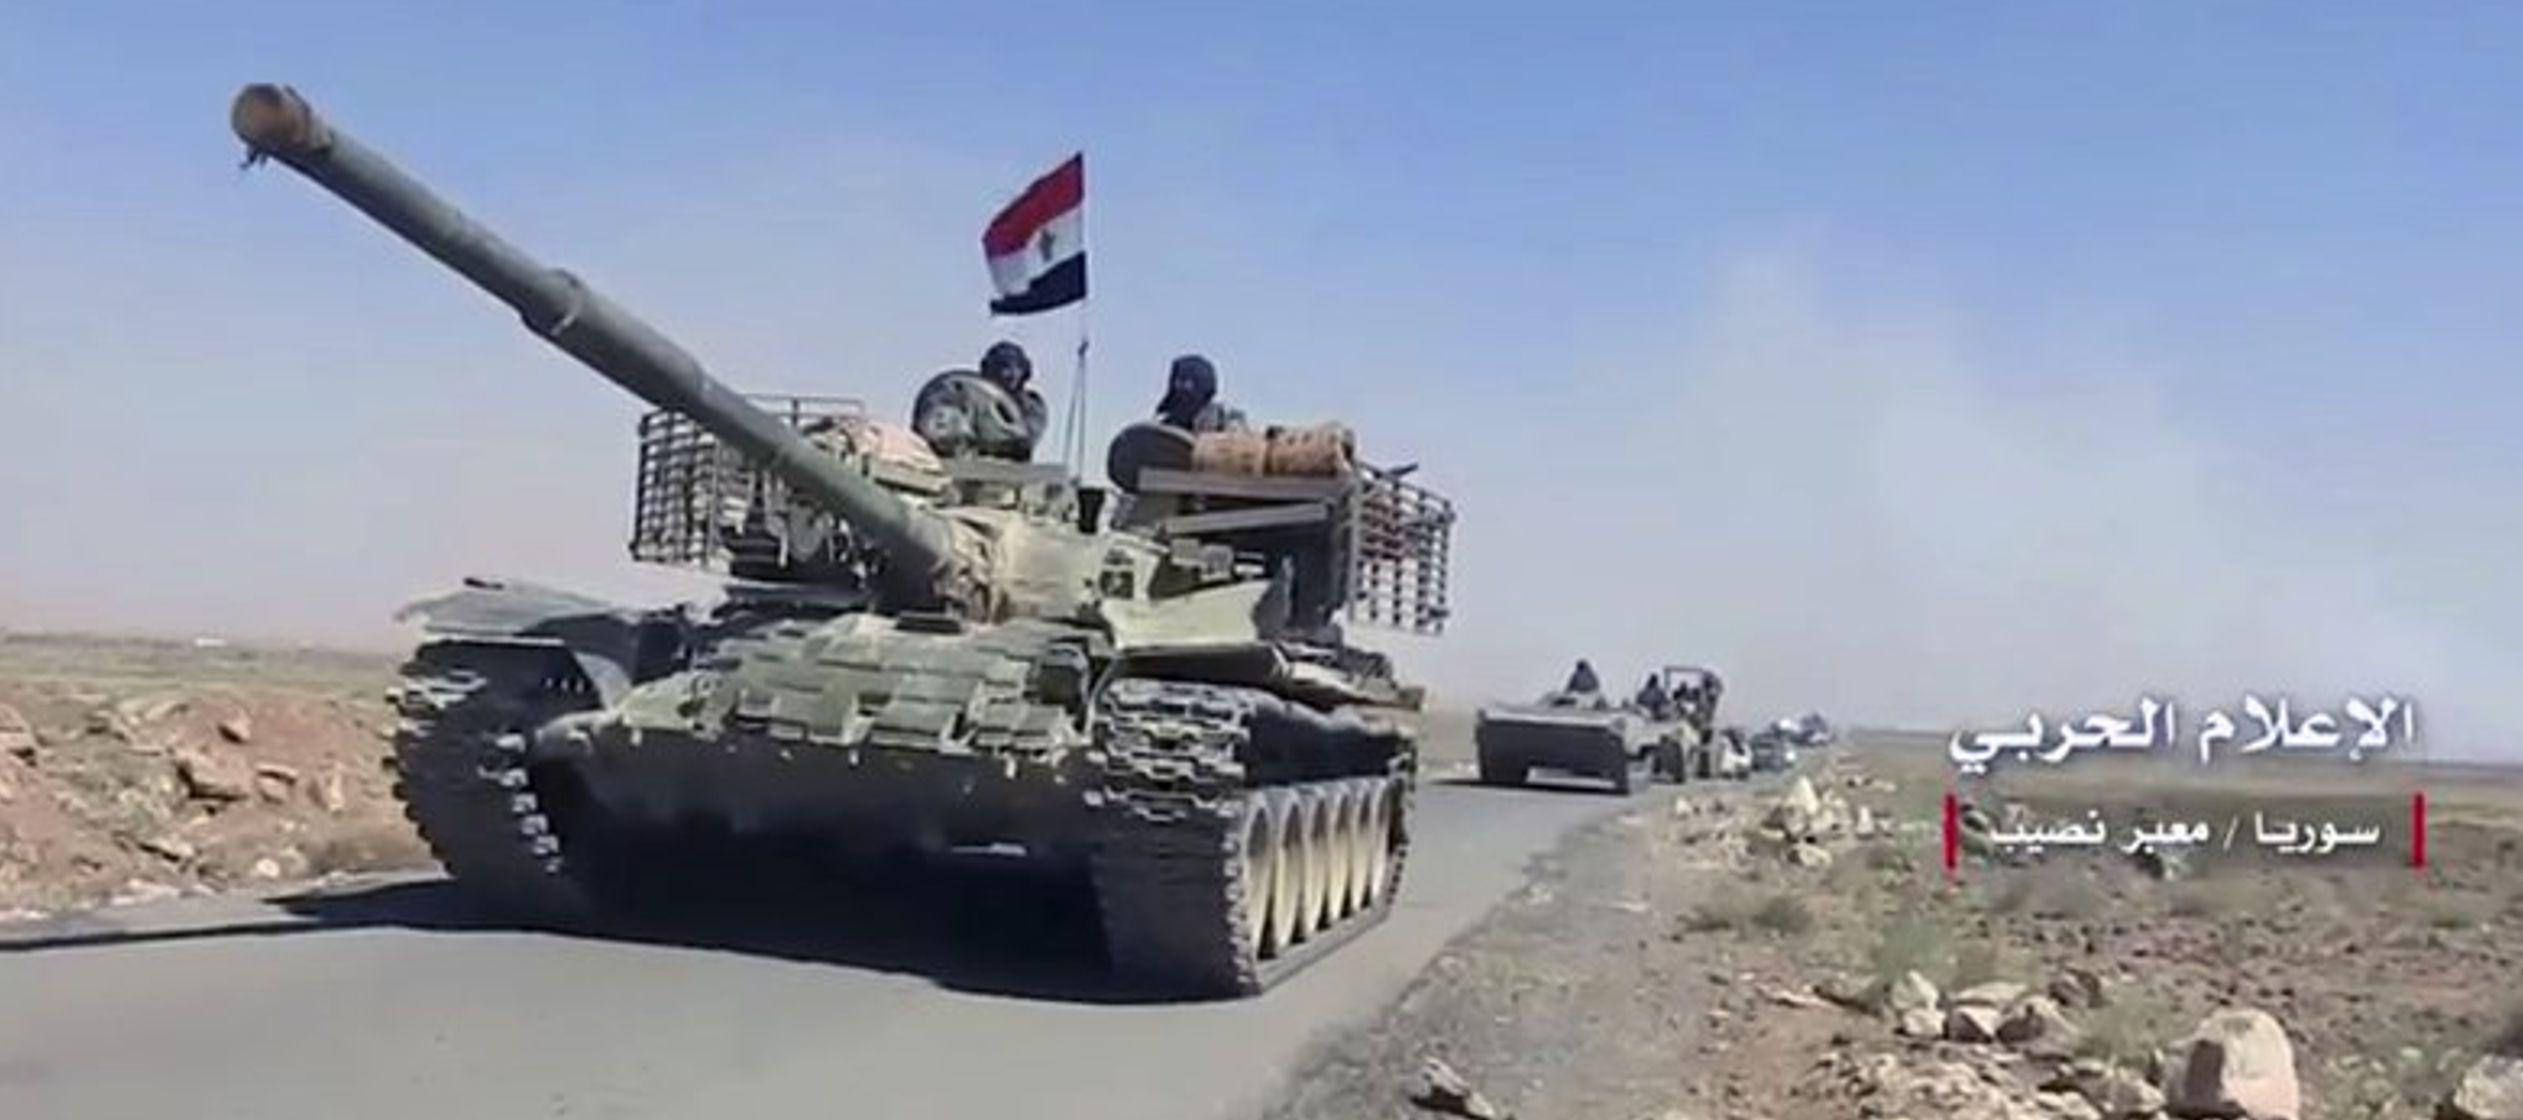 El gobierno está librando una ofensiva de gran escala en el sur de Siria, donde...